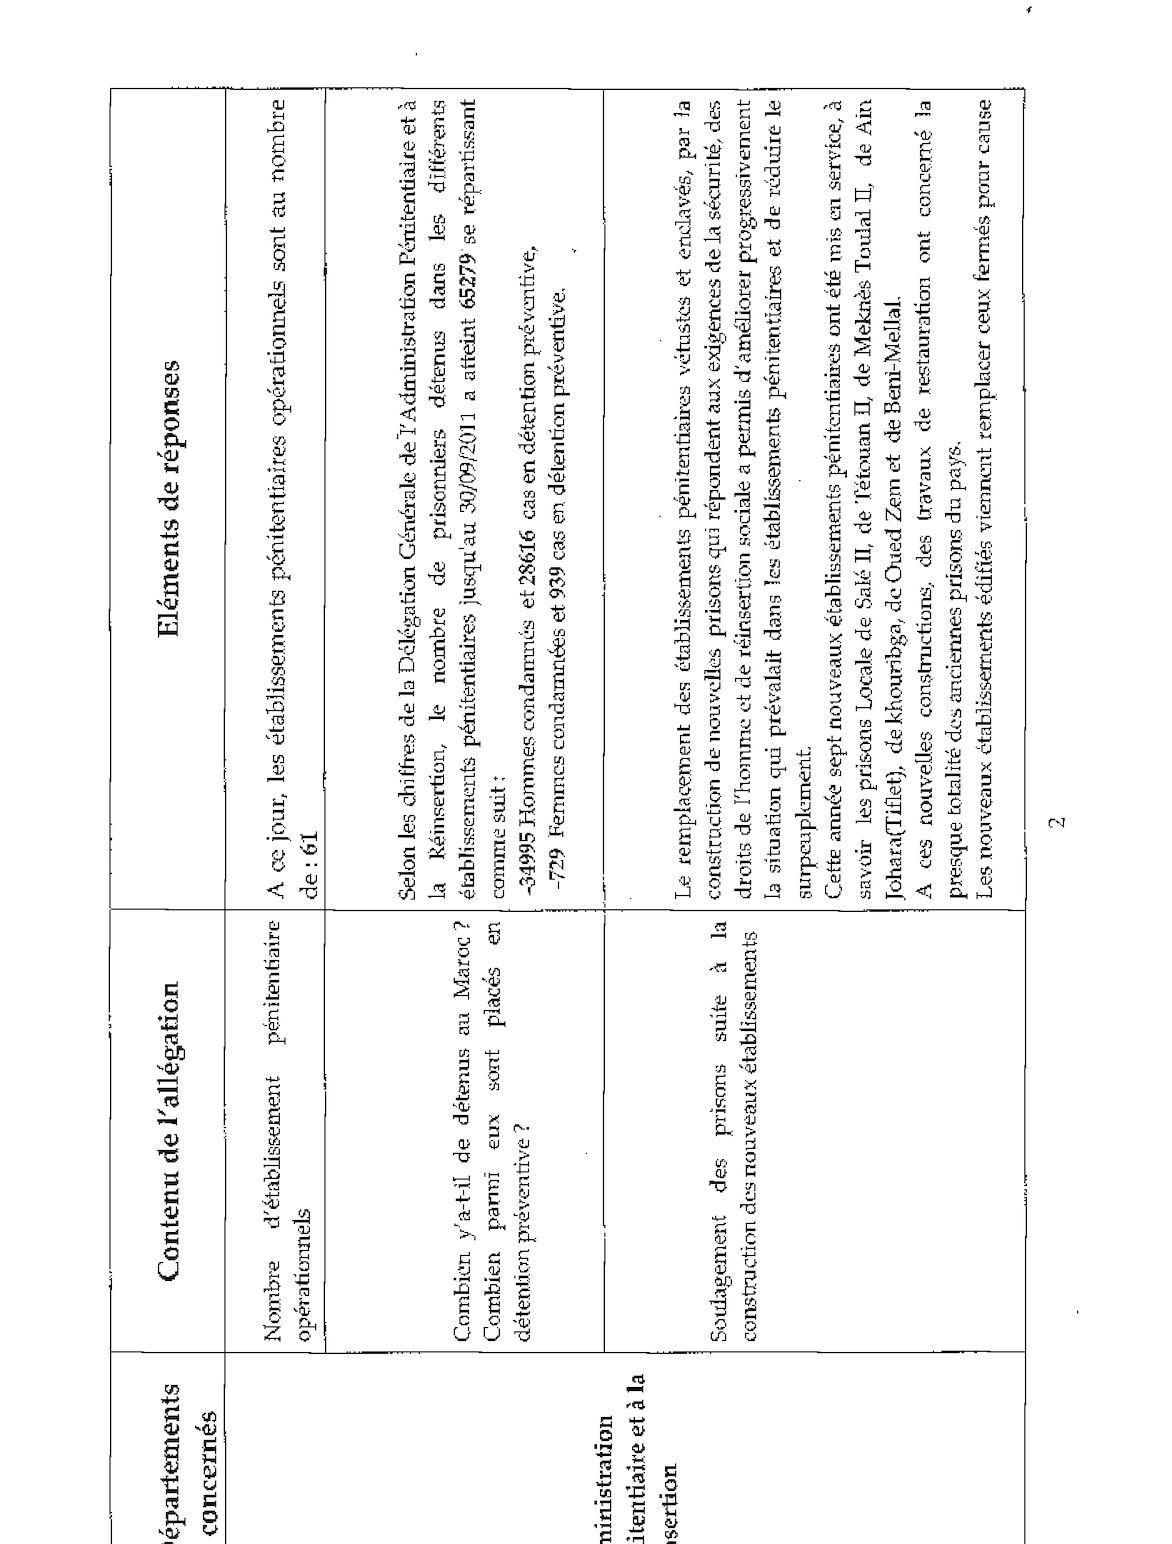 Tableau Réponse Maroc- Q Usa(1).